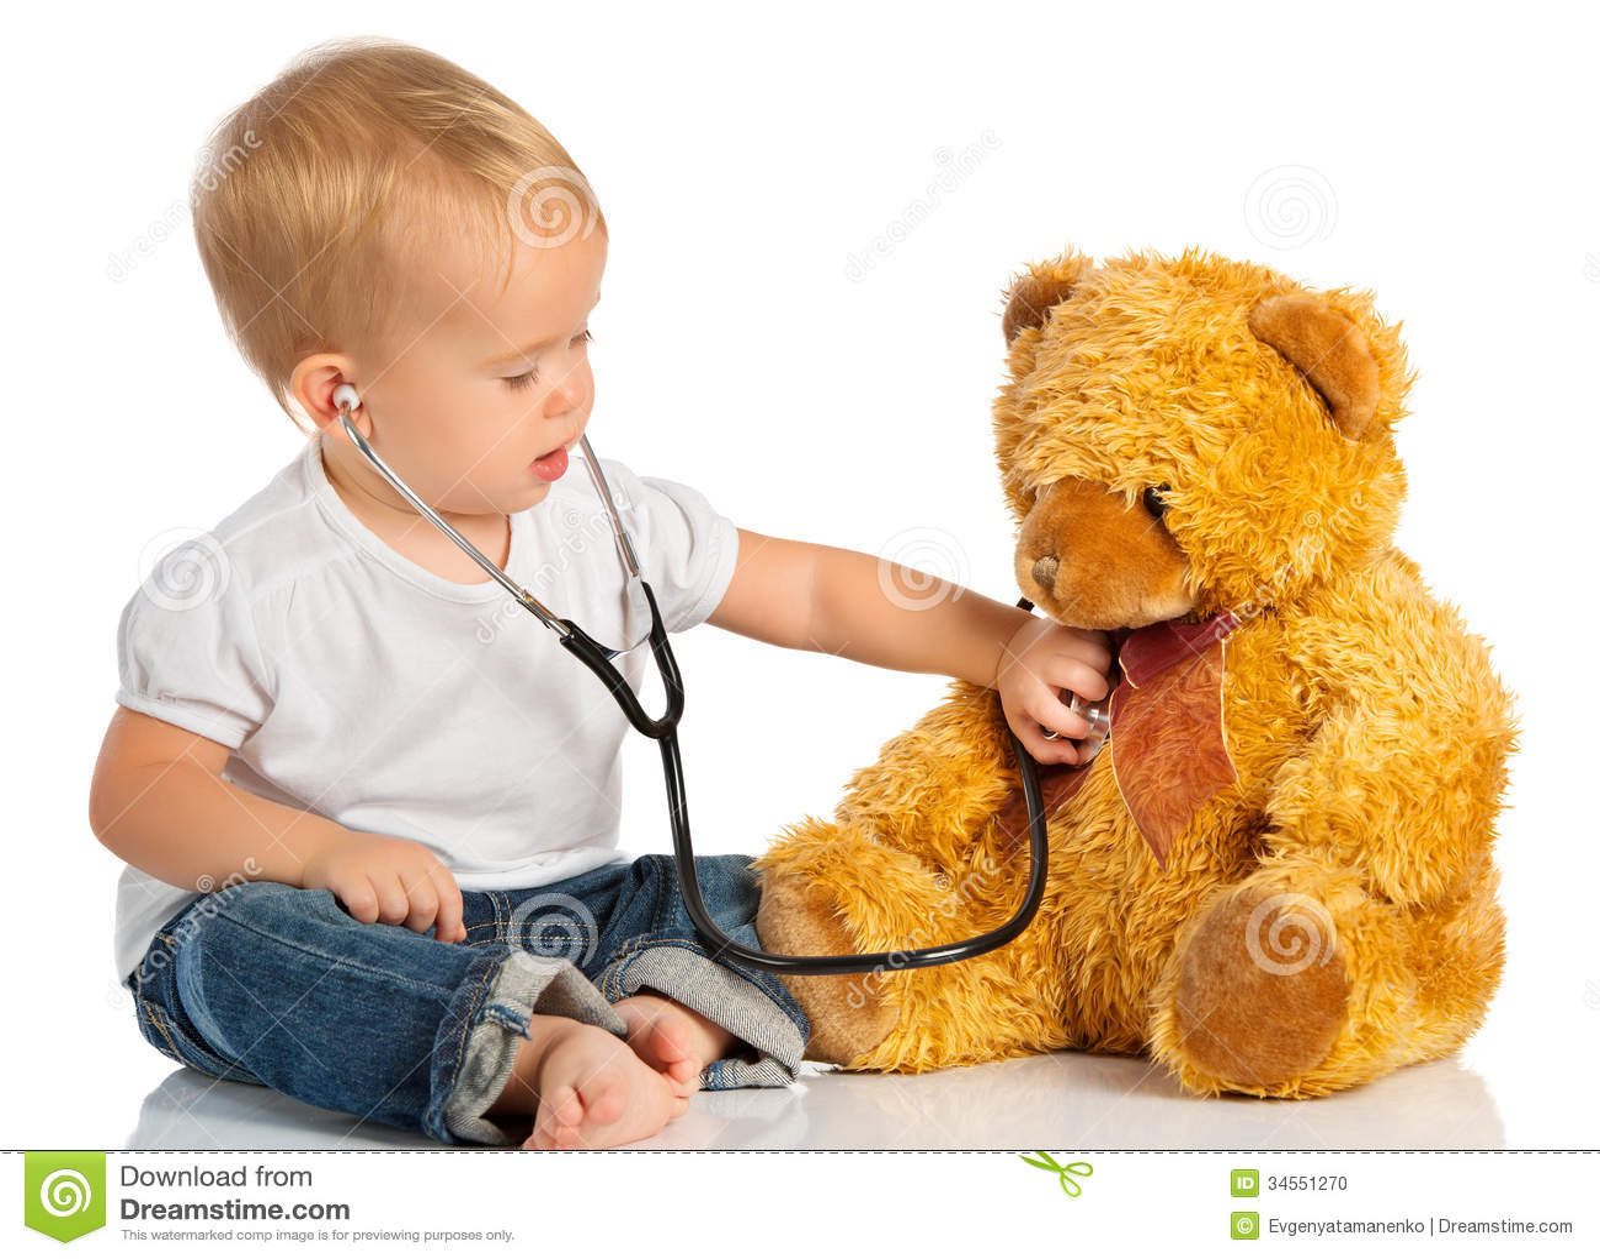 Игры младенца в игрушке доктора носят, стетоскоп